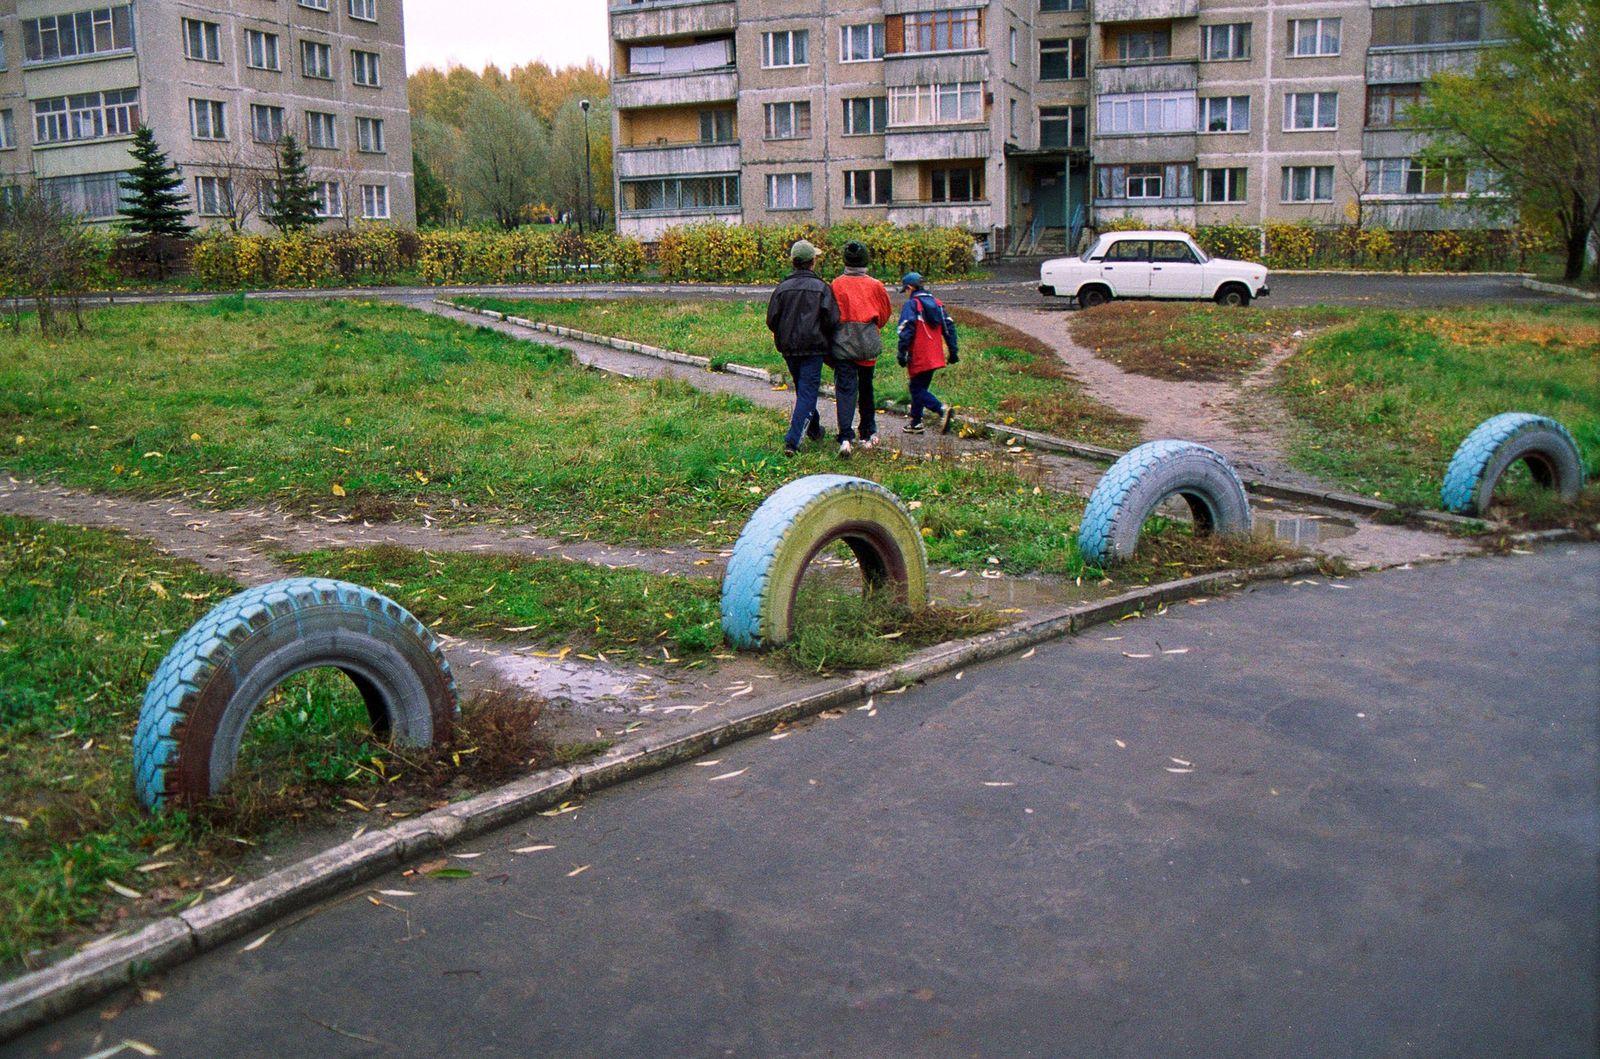 Юрий Антипычев. Происходящее. Без названия, 2002